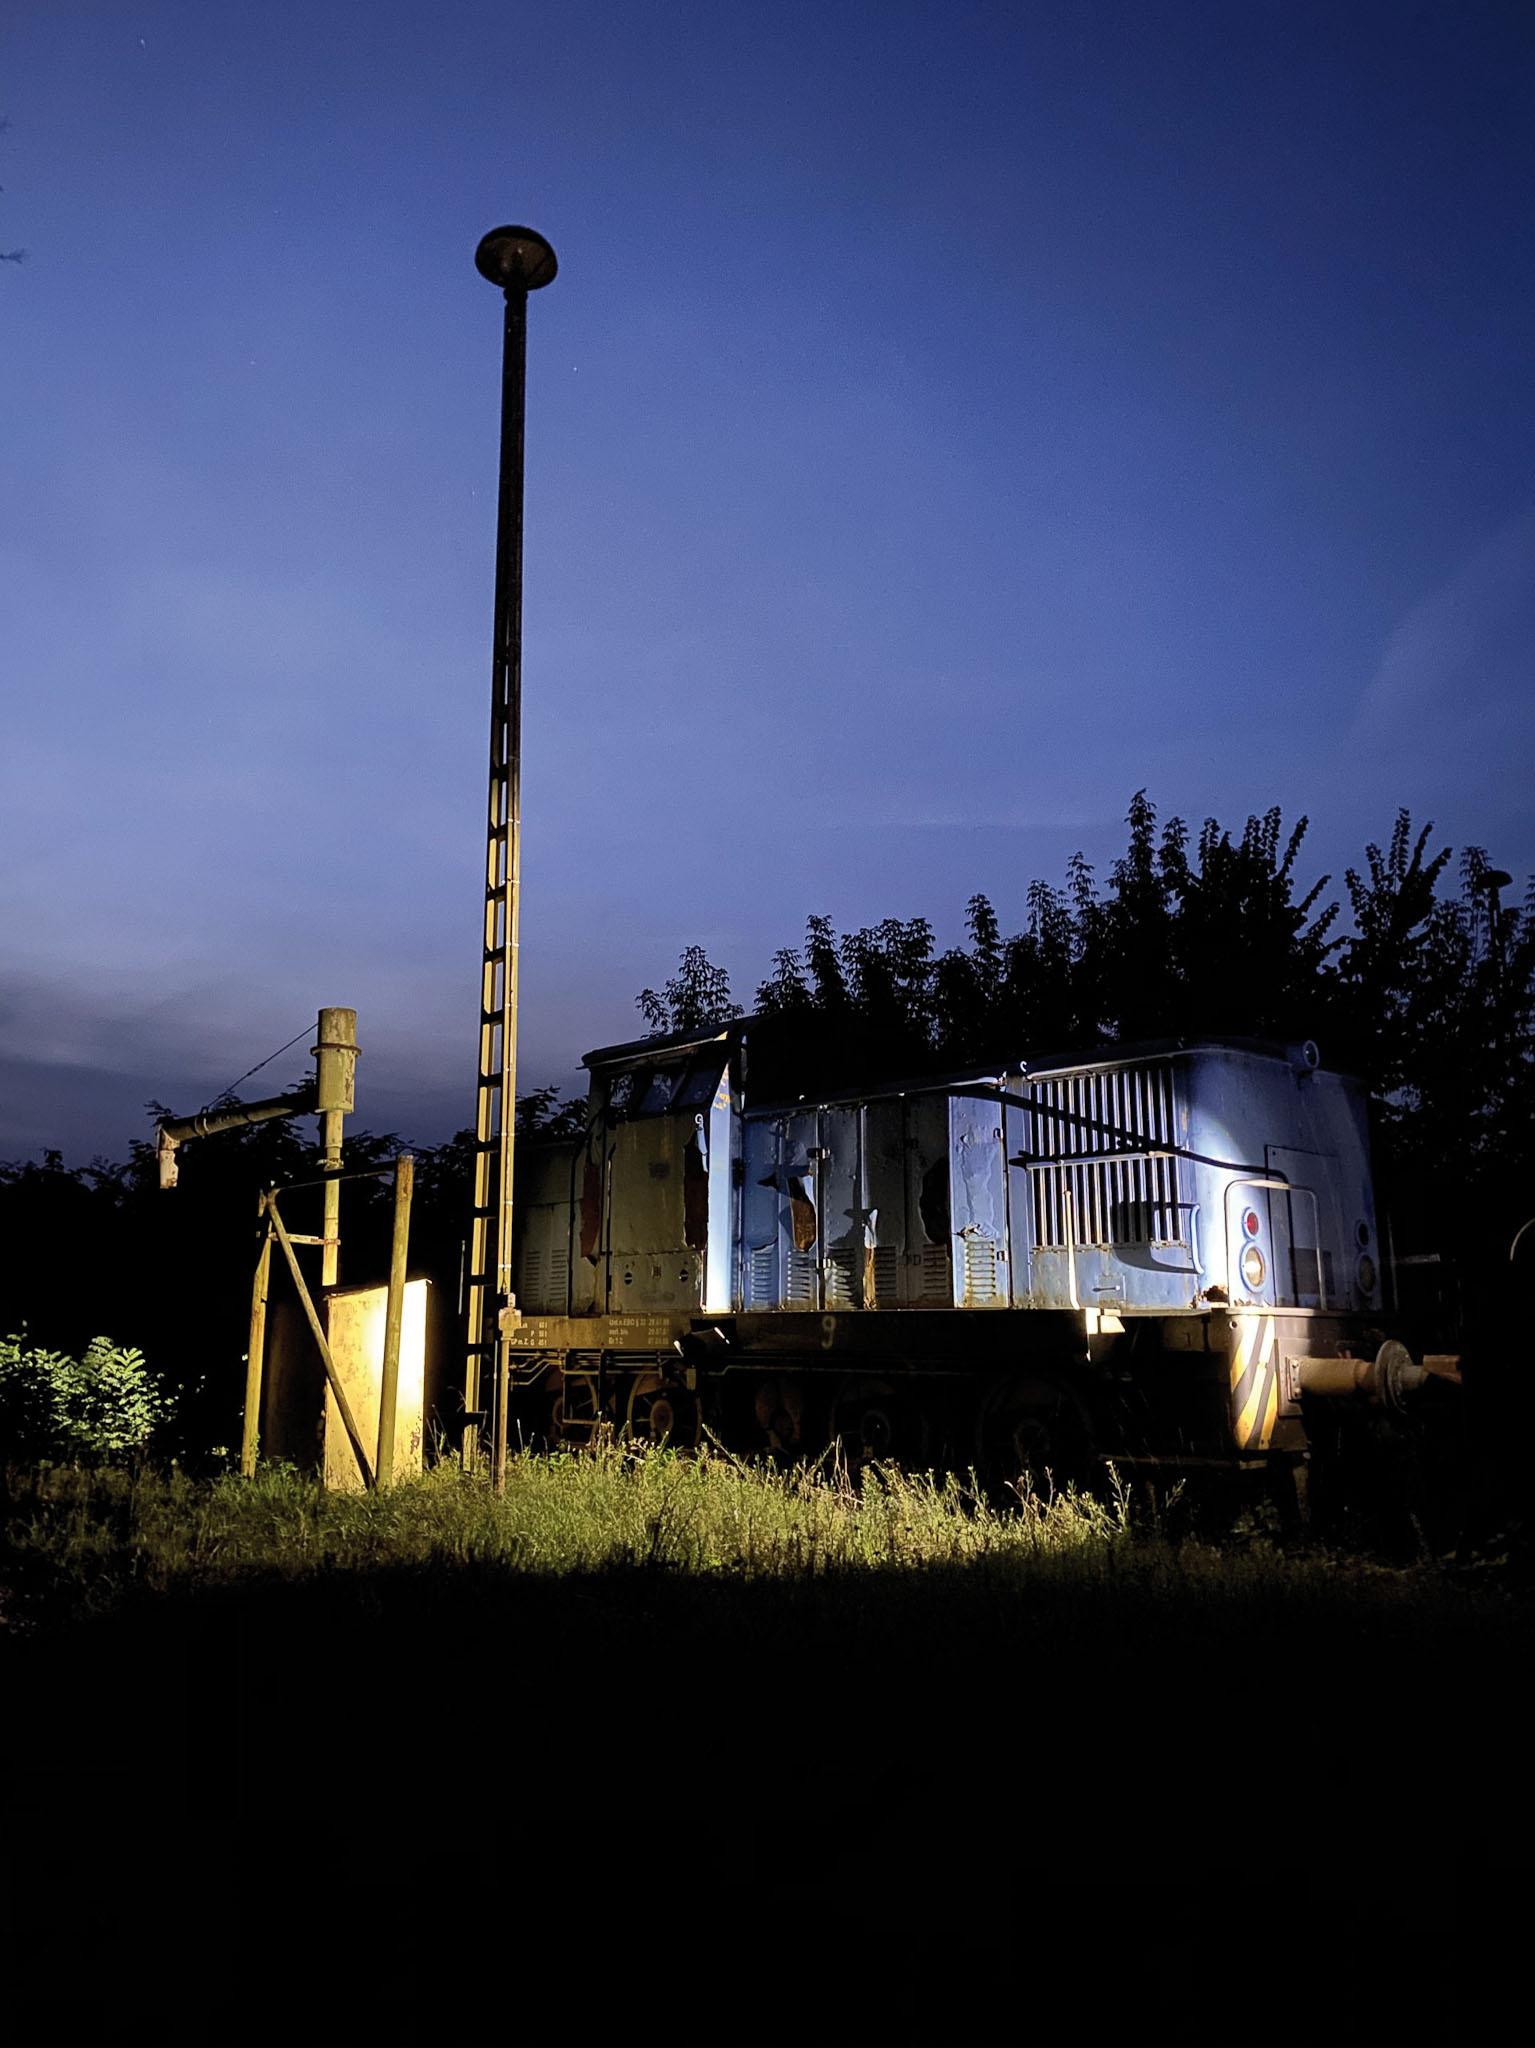 ©Foto: Patrick Friedrich   railmen   Ausrangiert, abgestellt und trotzdem fotogen! Im alten Bahnbetriebswerk Haldesleben rosten eine V60 und ein Wasserkran vor sich hin.